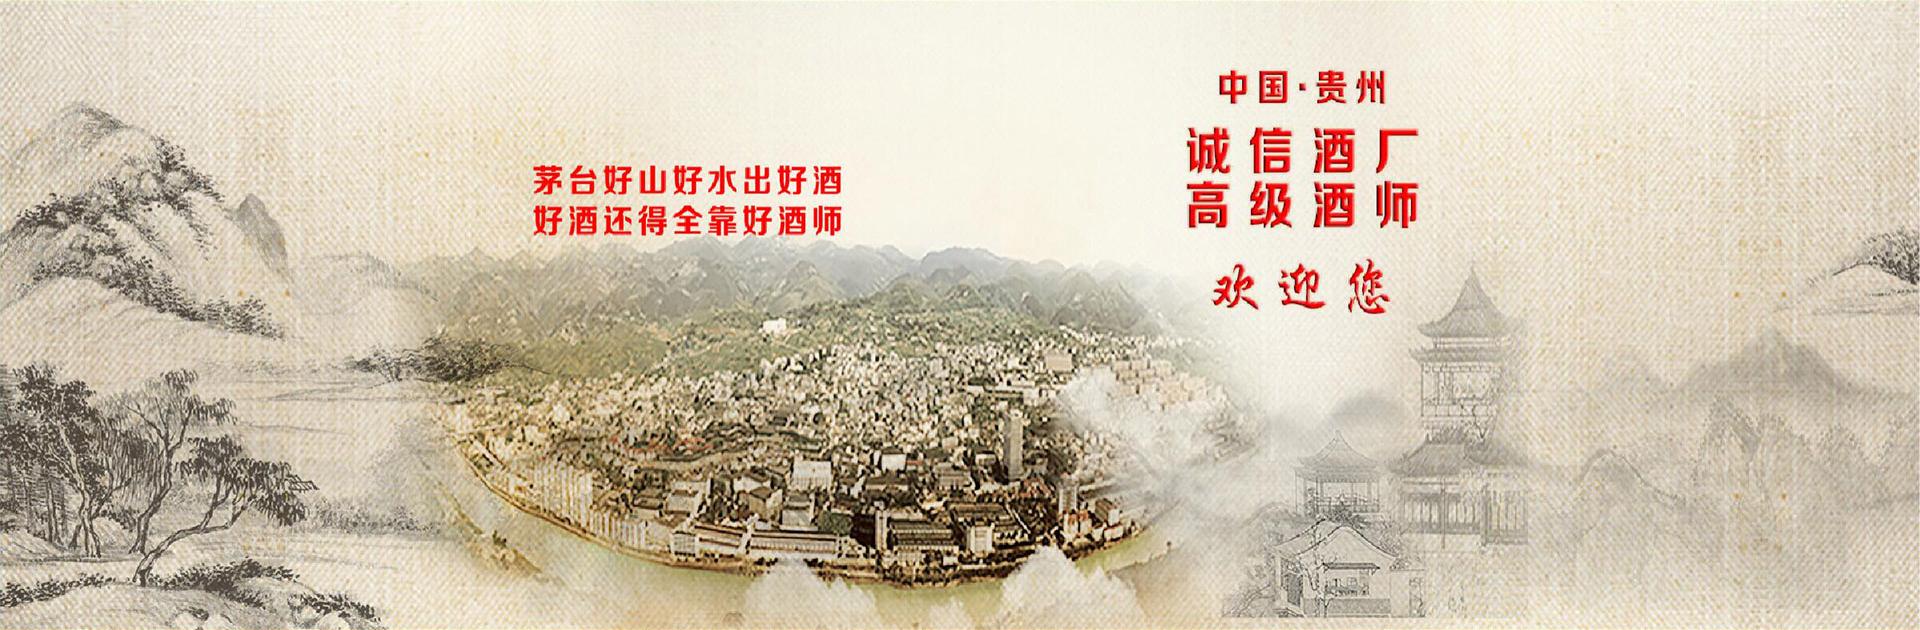 中國貴州誠信酒廠高級酒師歡迎您